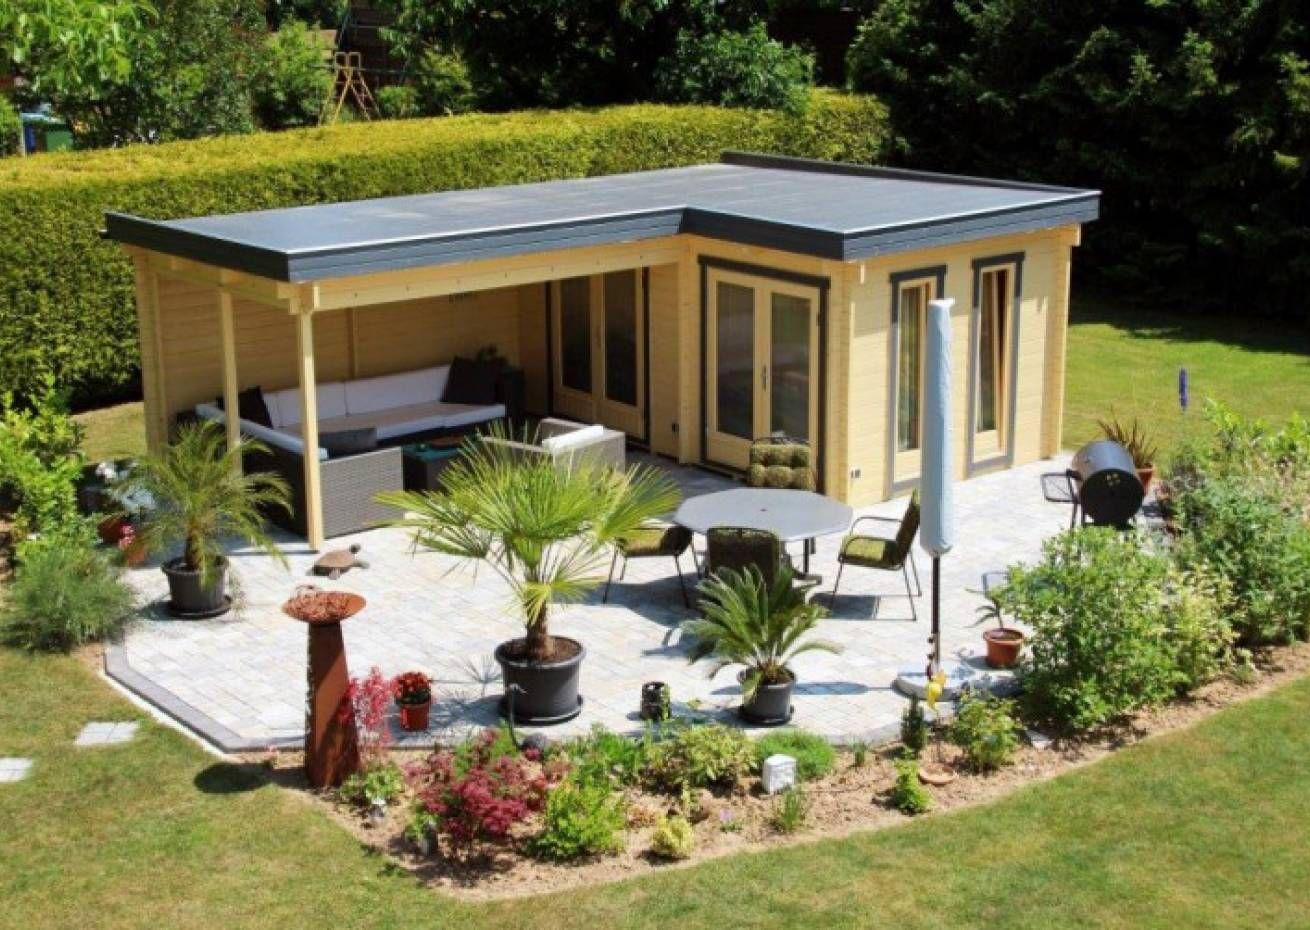 Gartenbüro Gartenhaus Nora C 8,5m² / 40mm / 3x3 in 2020